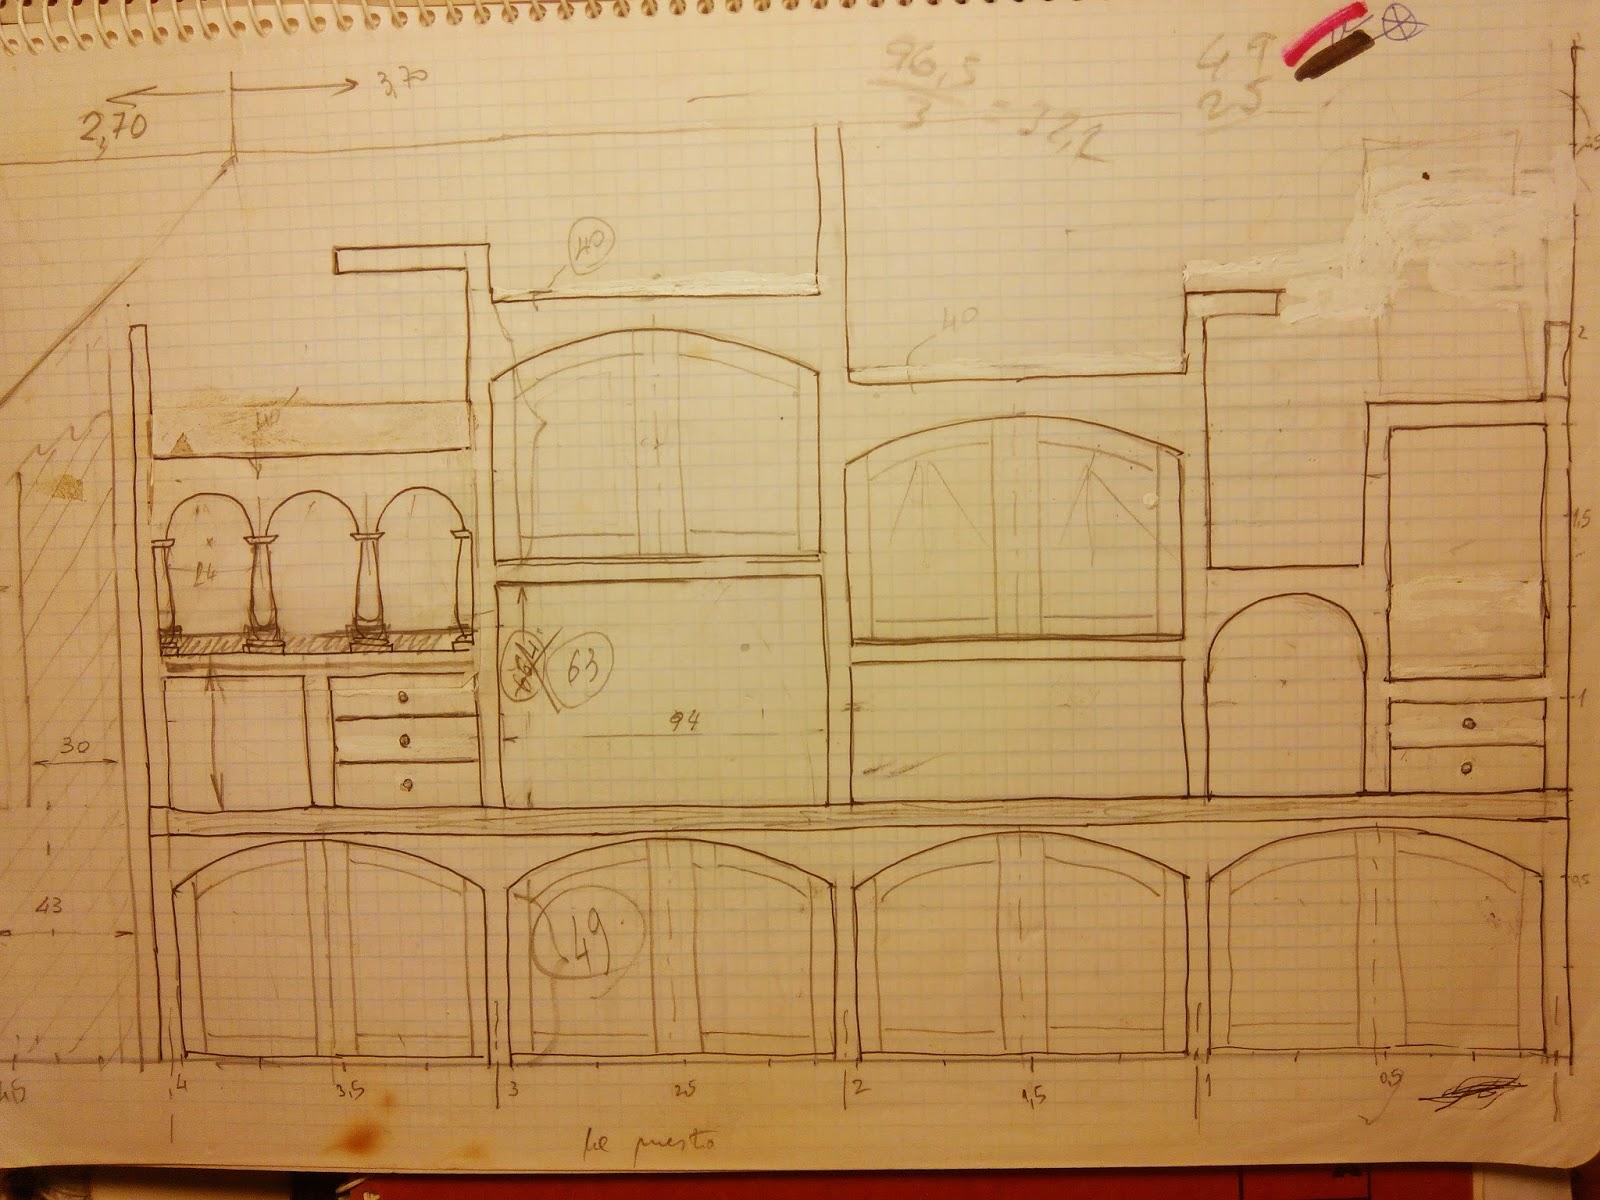 Mjg ingenier a y arquitectura interiorismo for Ingenieria y arquitectura